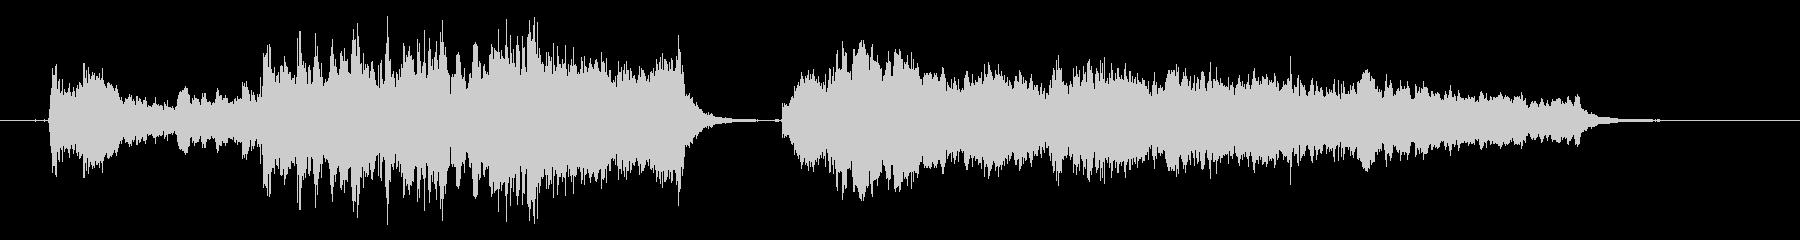 生オーケストラ録音の未再生の波形